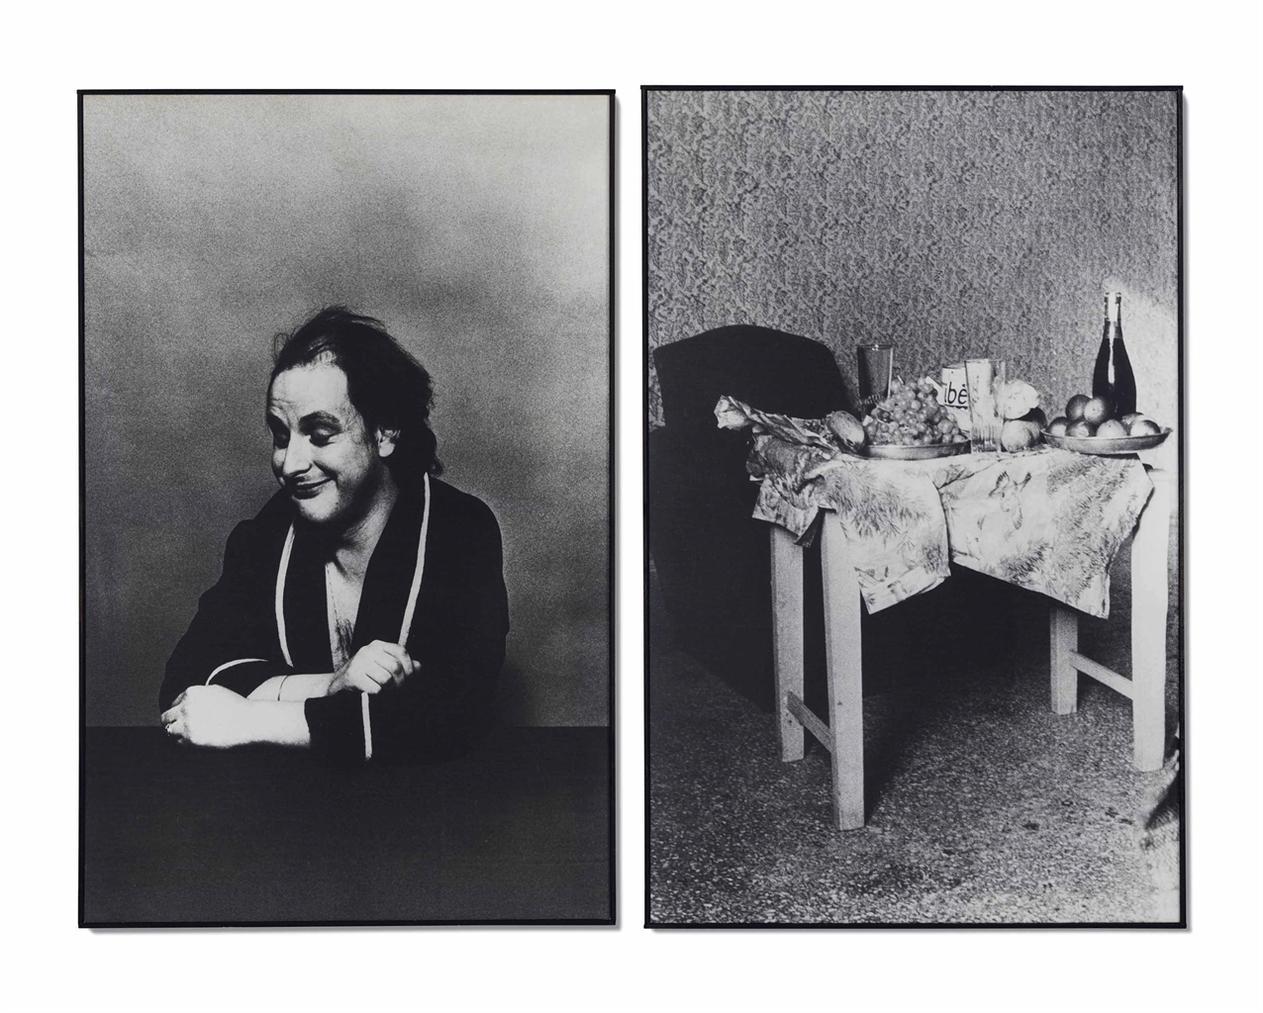 Urs Luthi-Tableaux Recents K-1977